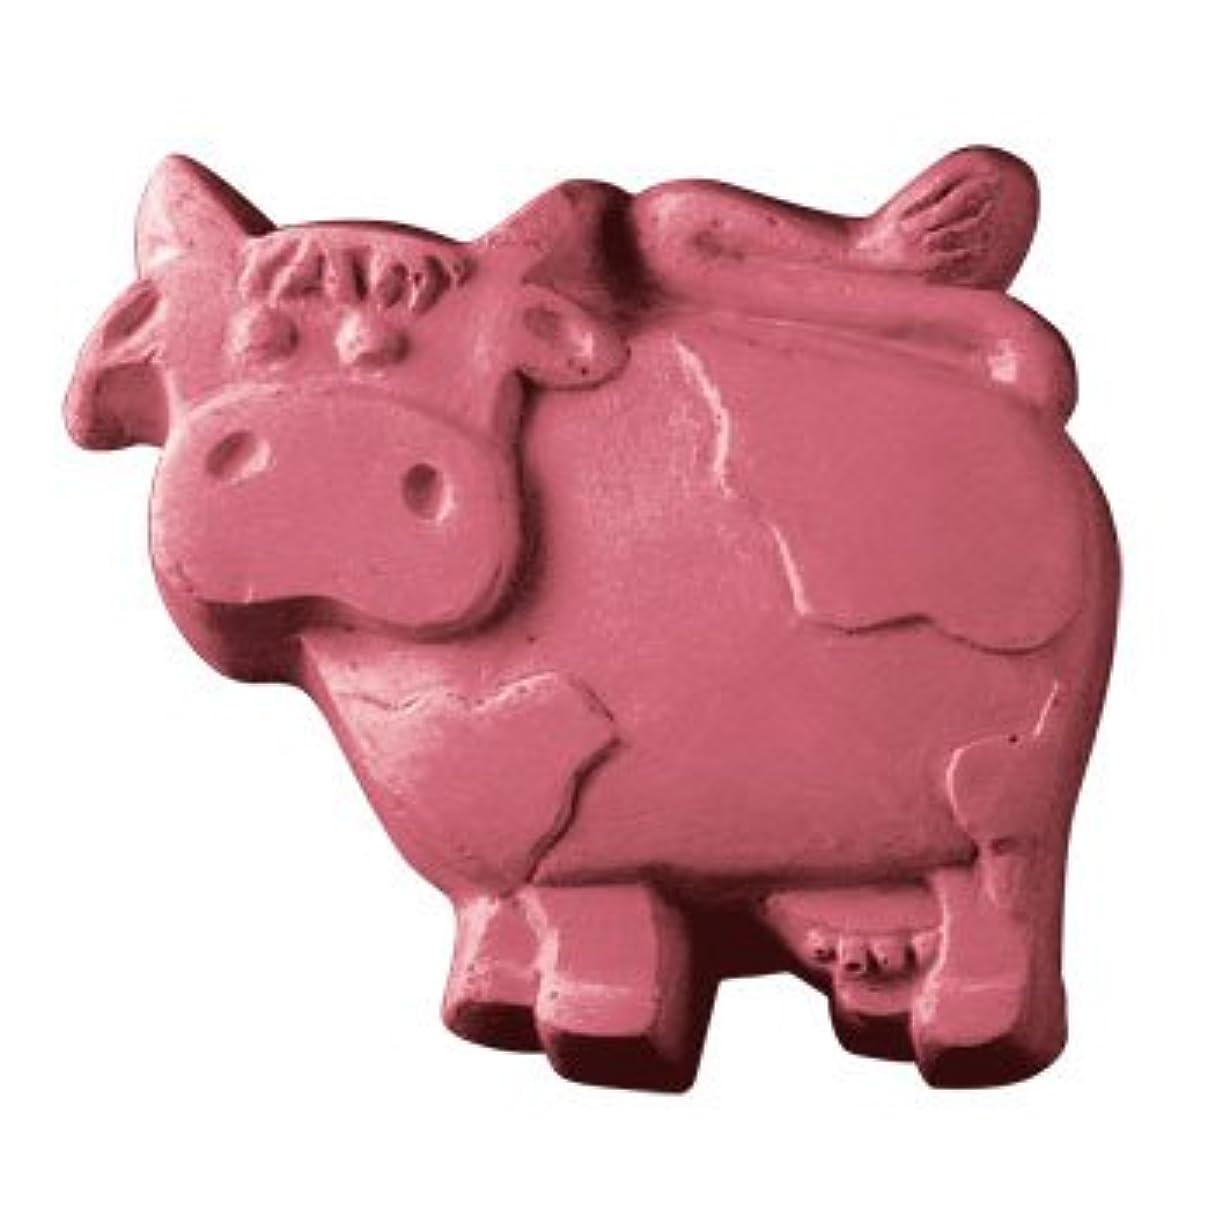 テンション少ない期待してミルキーウェイ 牛さん 【ソープモールド/石鹸型/シートモールド】